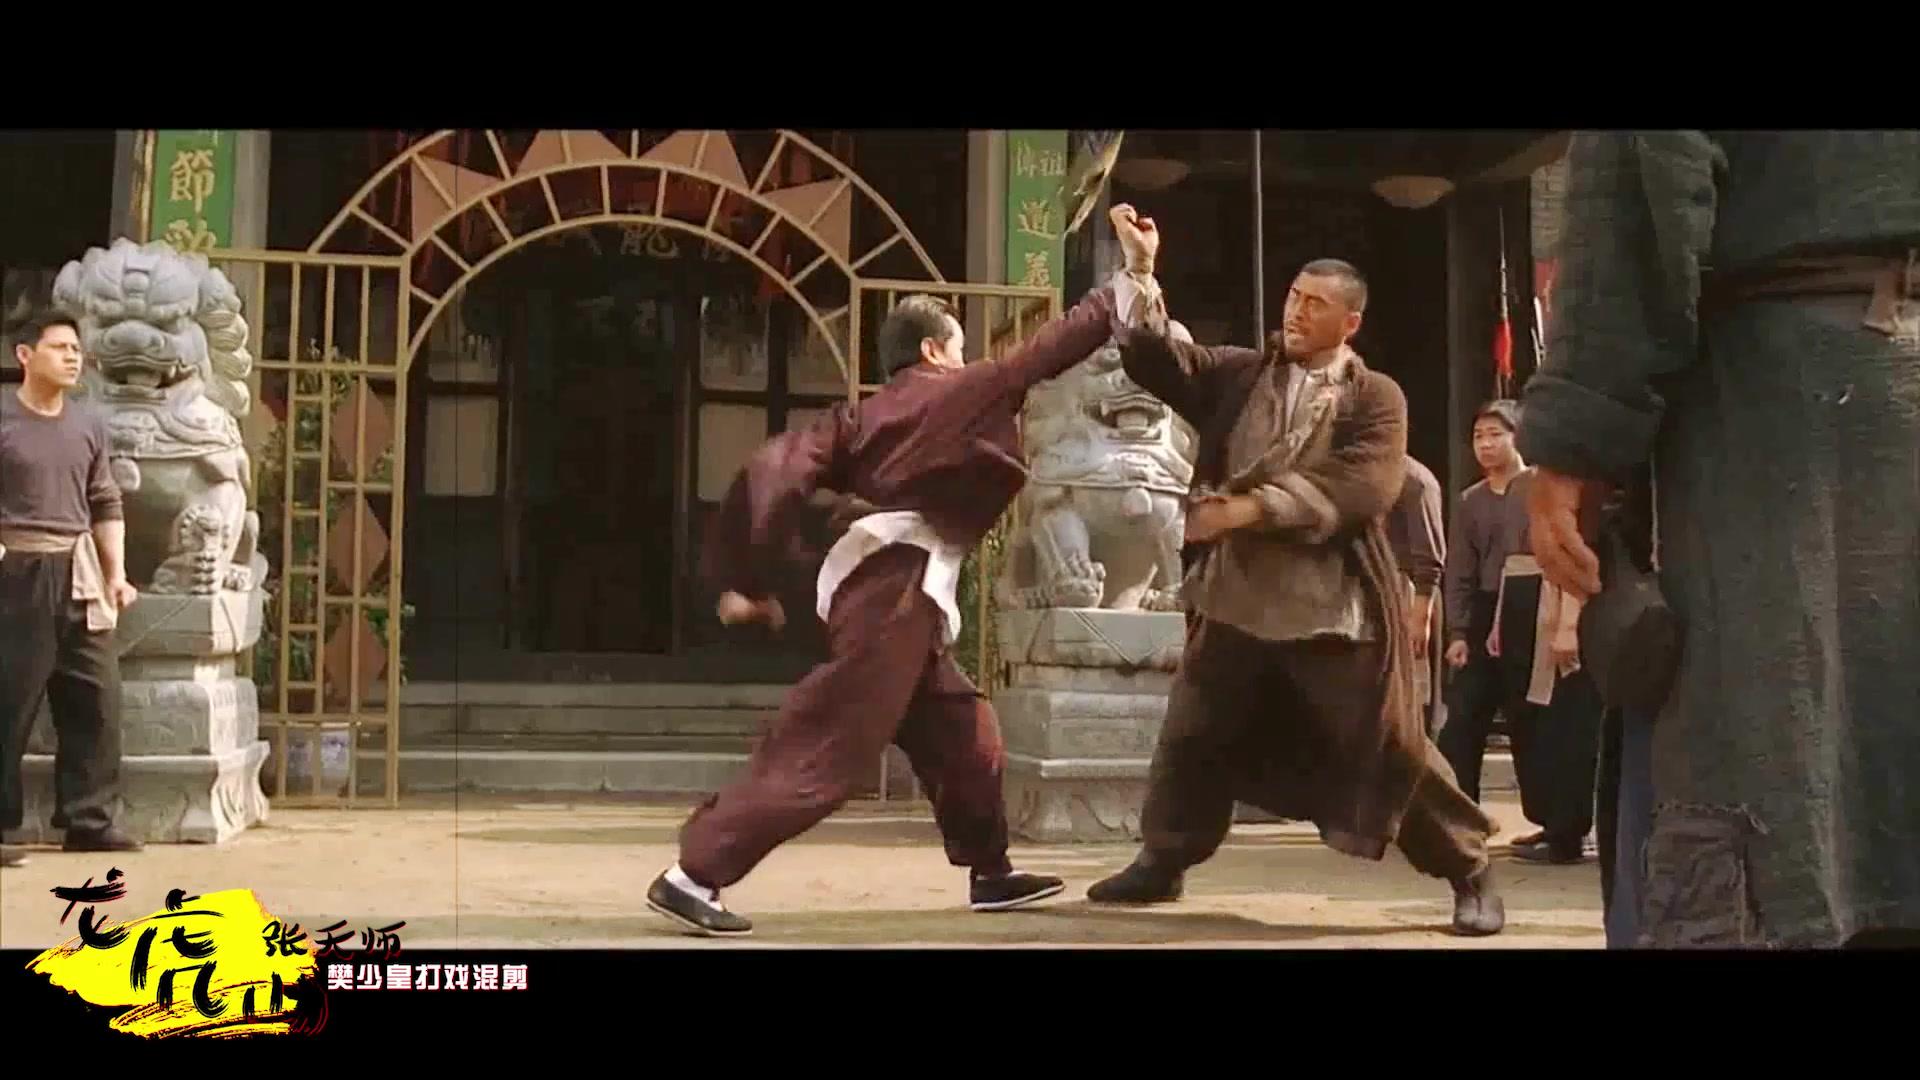 #电影迷的修养#《龙虎山张天师》老牌功夫大师樊少皇打戏混剪!越来越有味